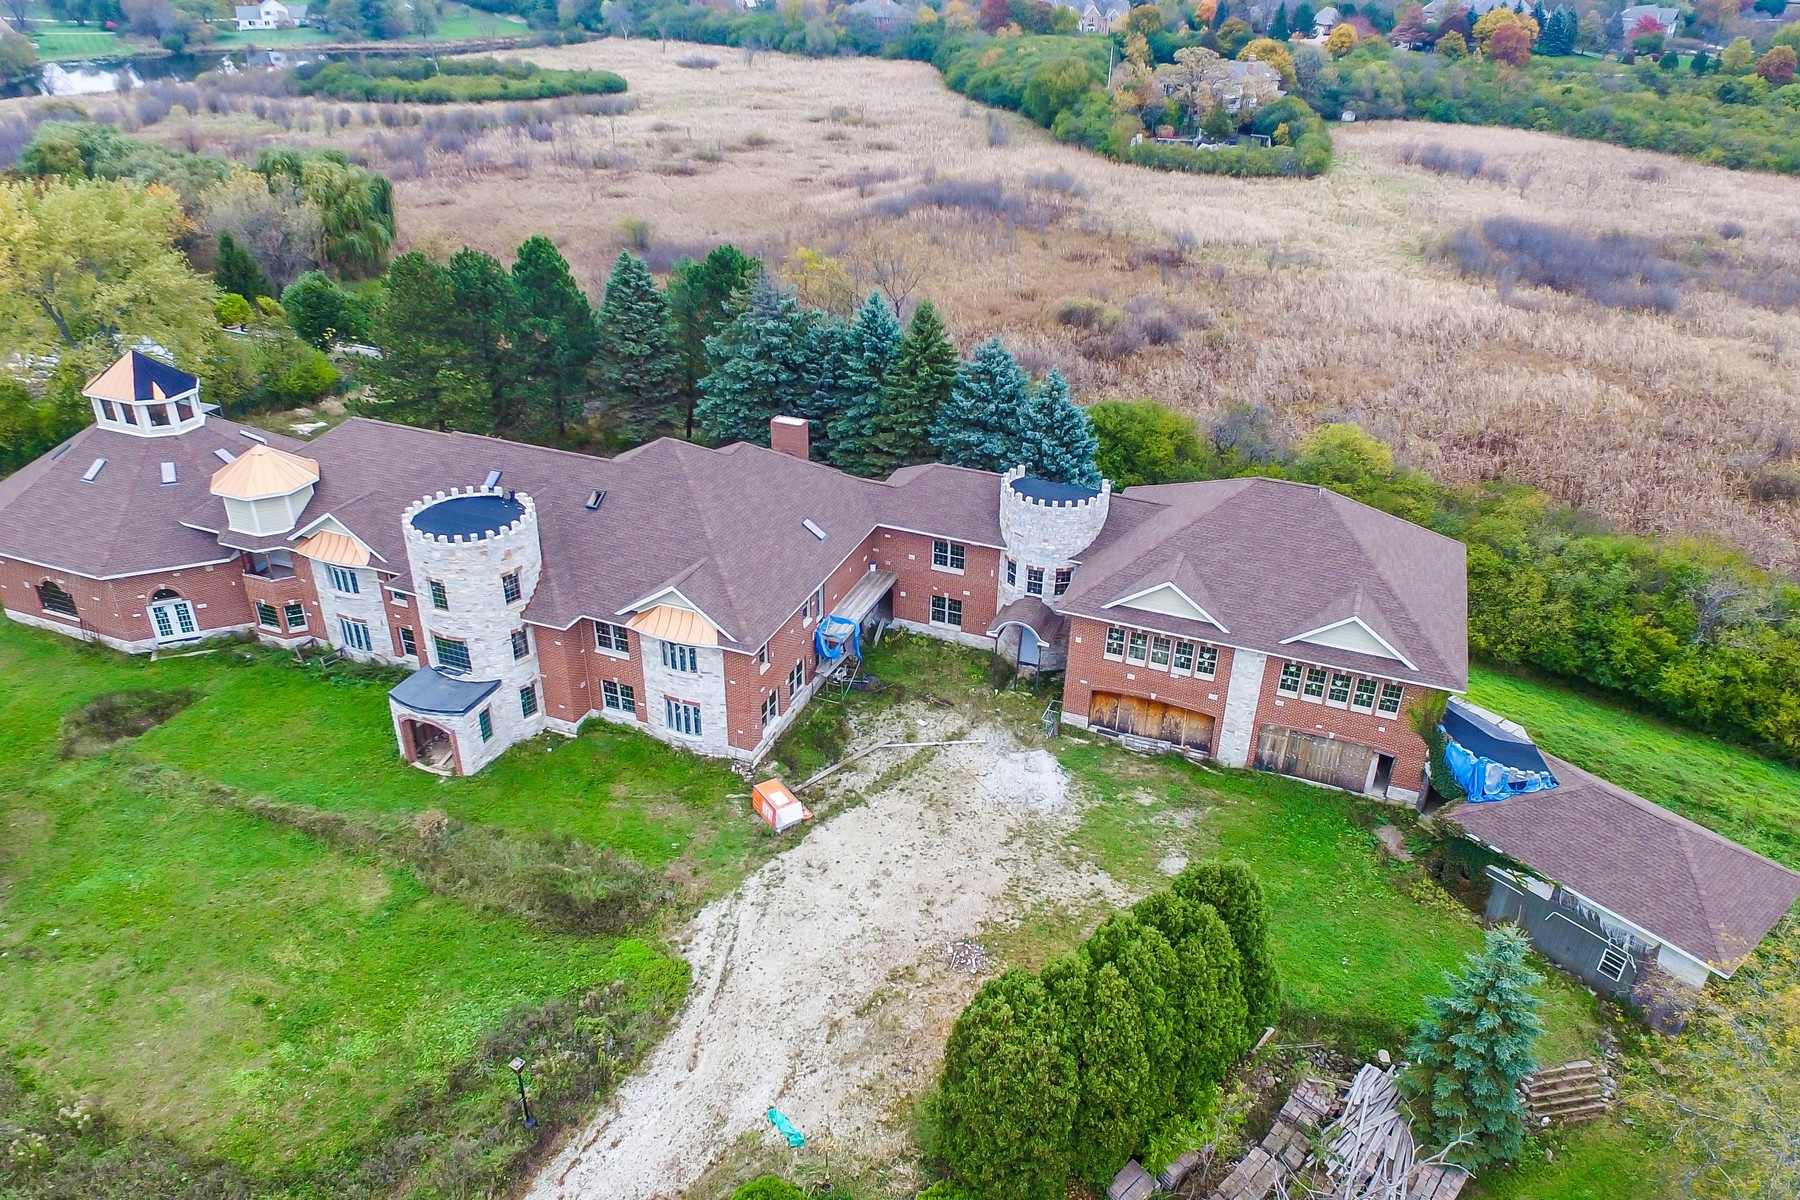 단독 가정 주택 용 매매 에 Eight Bedroom Stunning Barrington Estate 24575 N Illinois Route 59 Road Barrington, 일리노이즈, 60010 미국